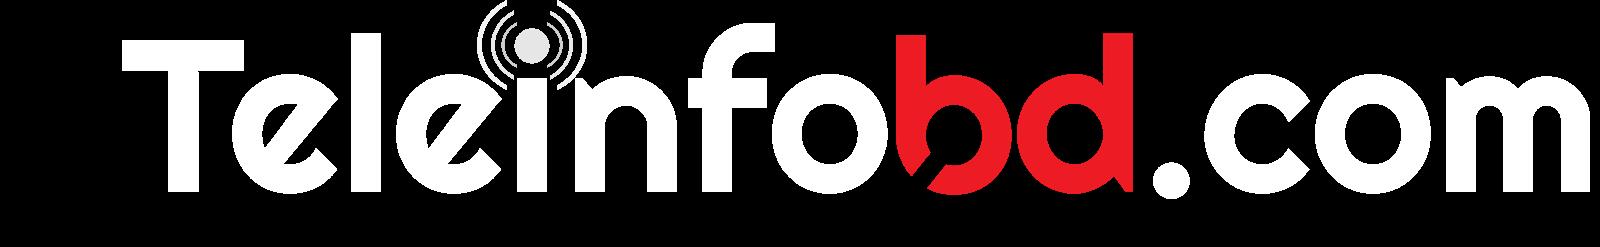 Teleinfobd.com